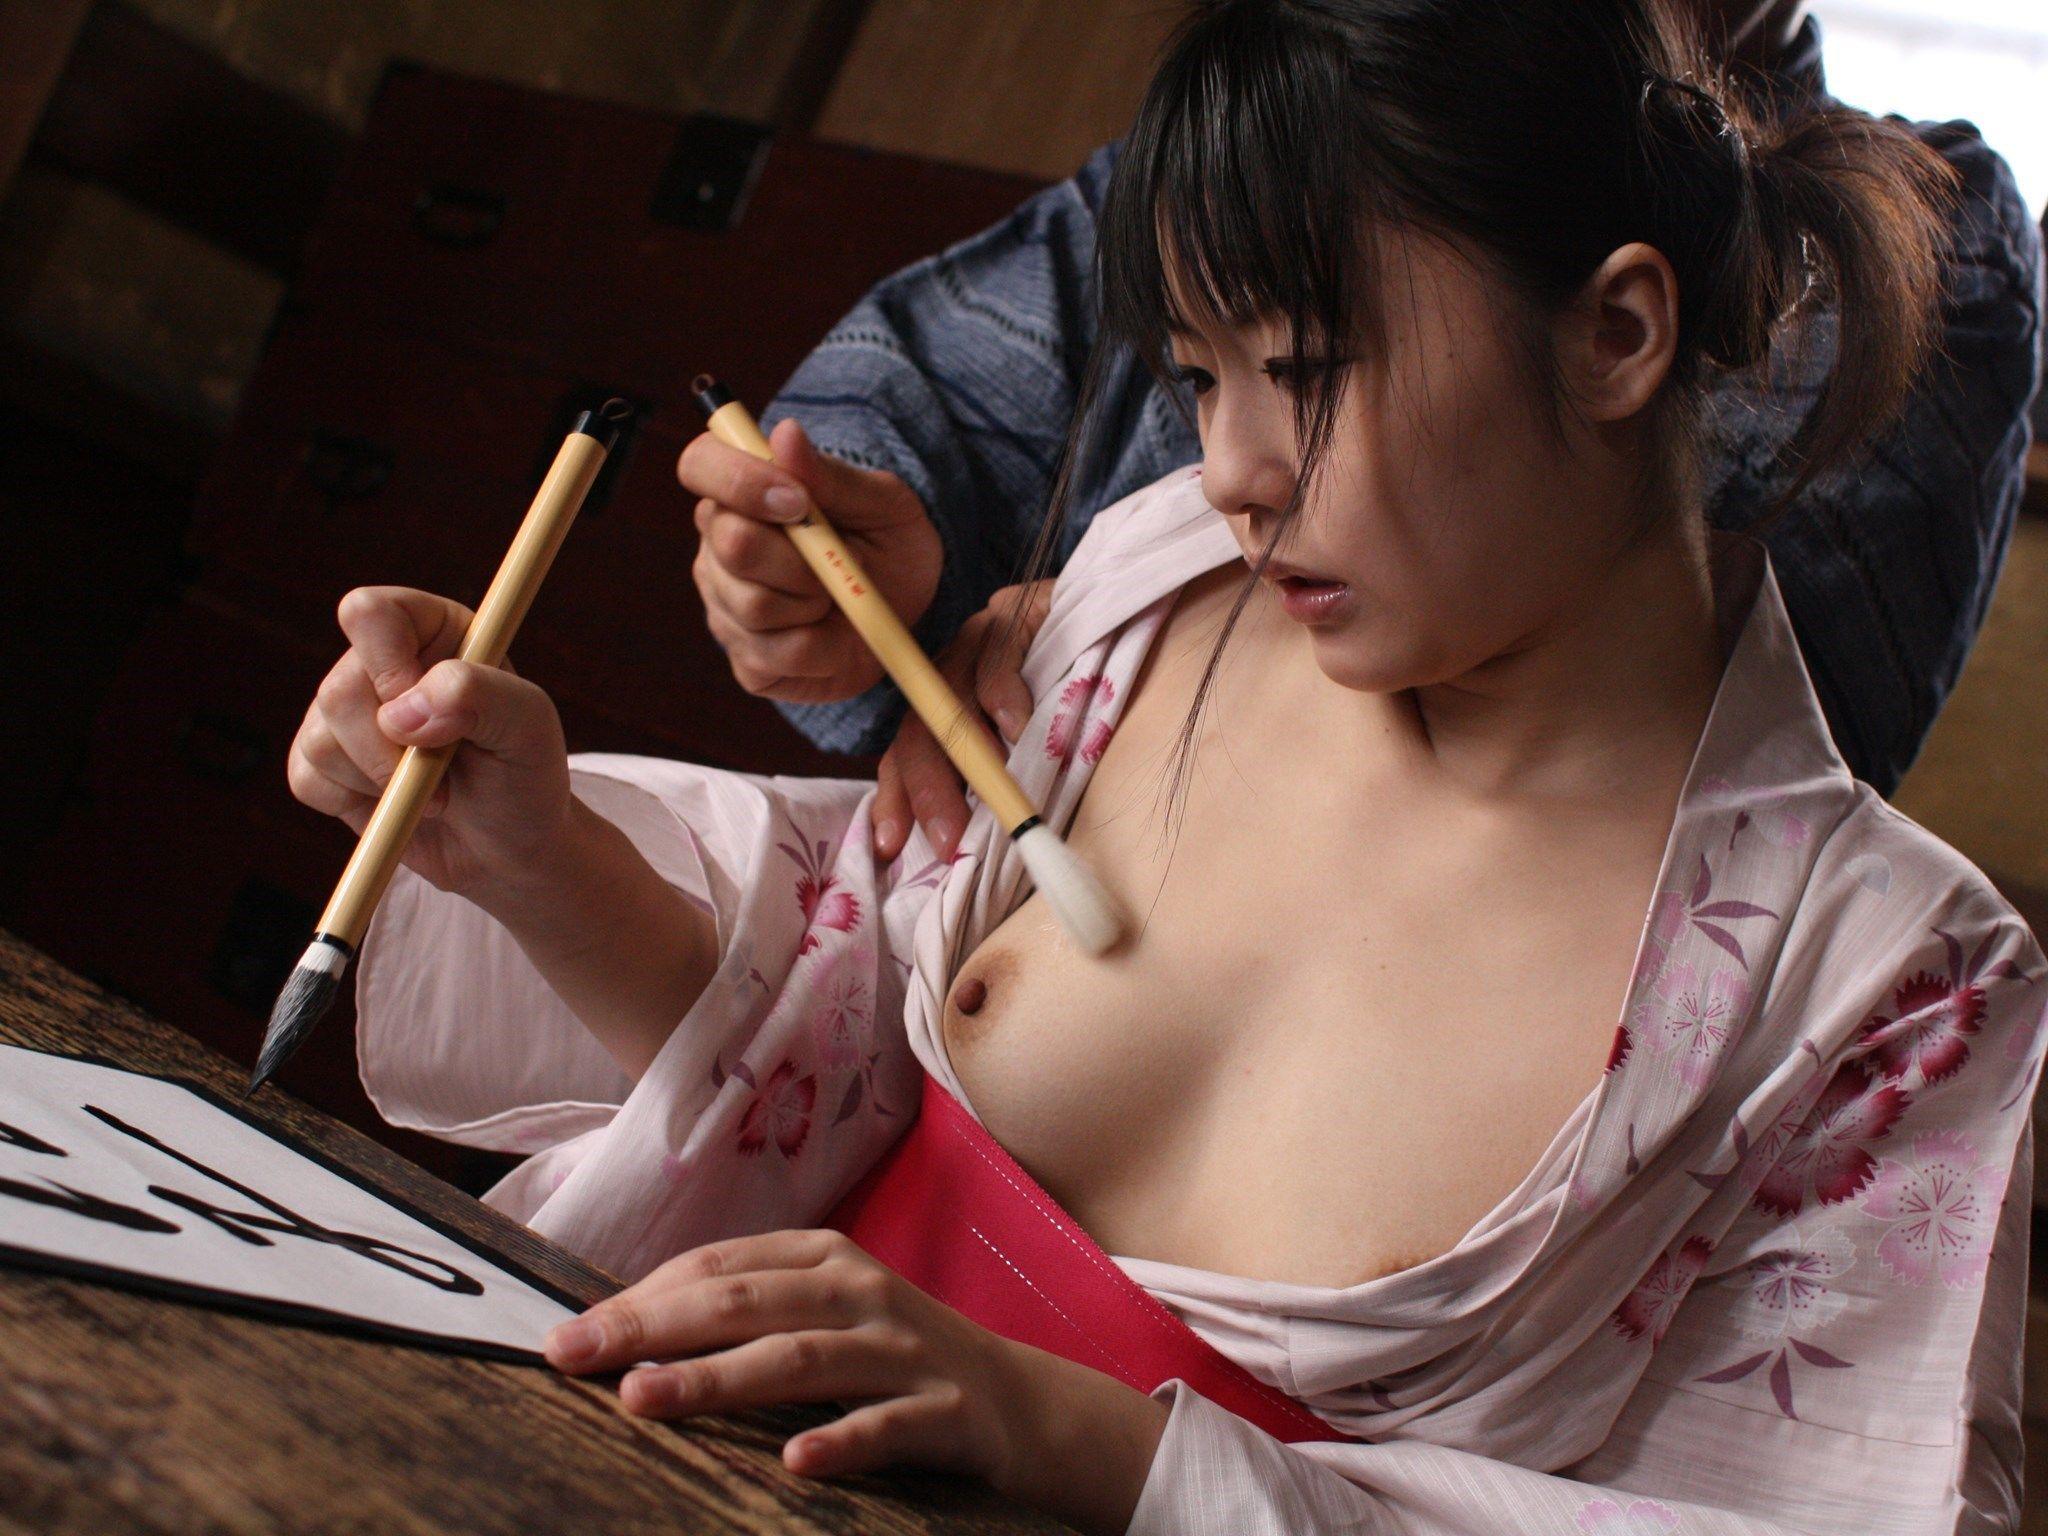 和服少女 つぼみ 壱章 妖艶な筆さばき 114photos